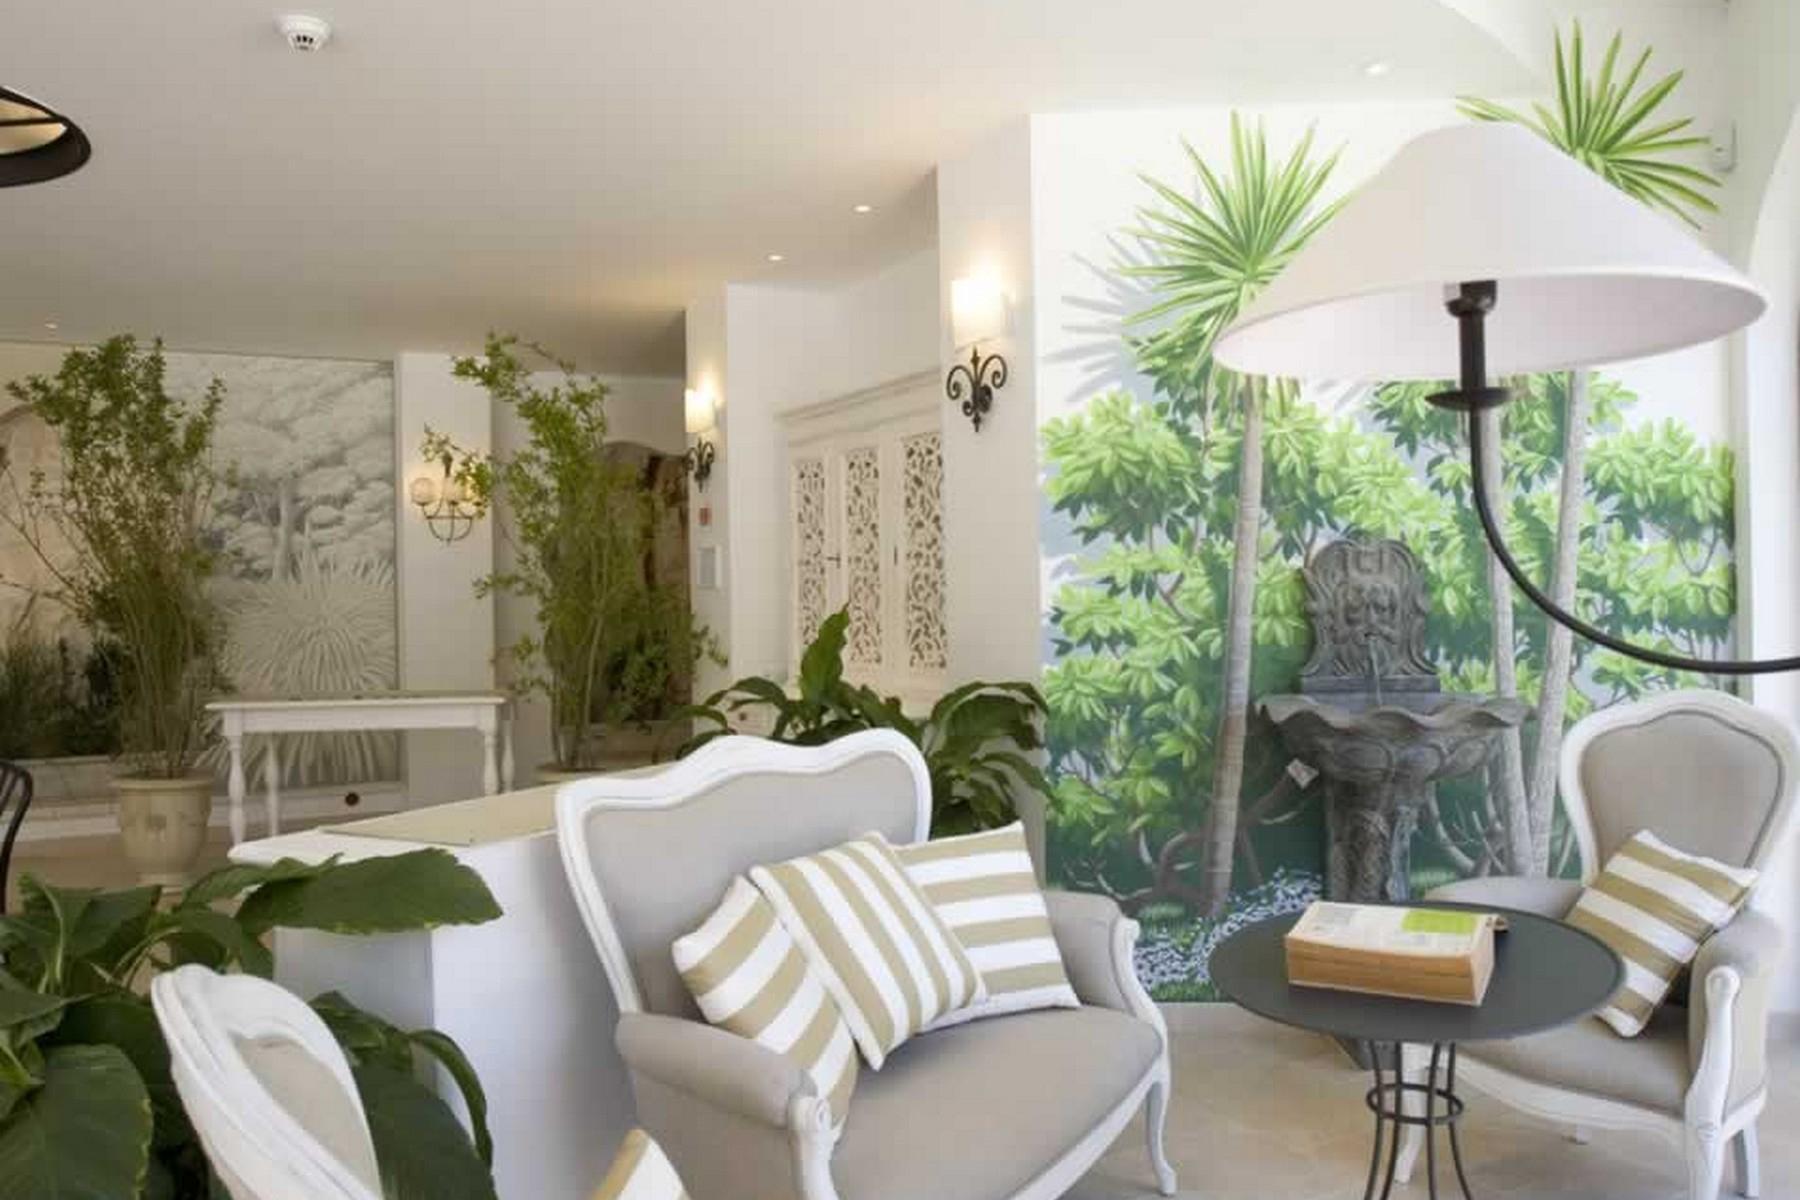 Bellissima residenza nobiliare con giardino e piscina - 7